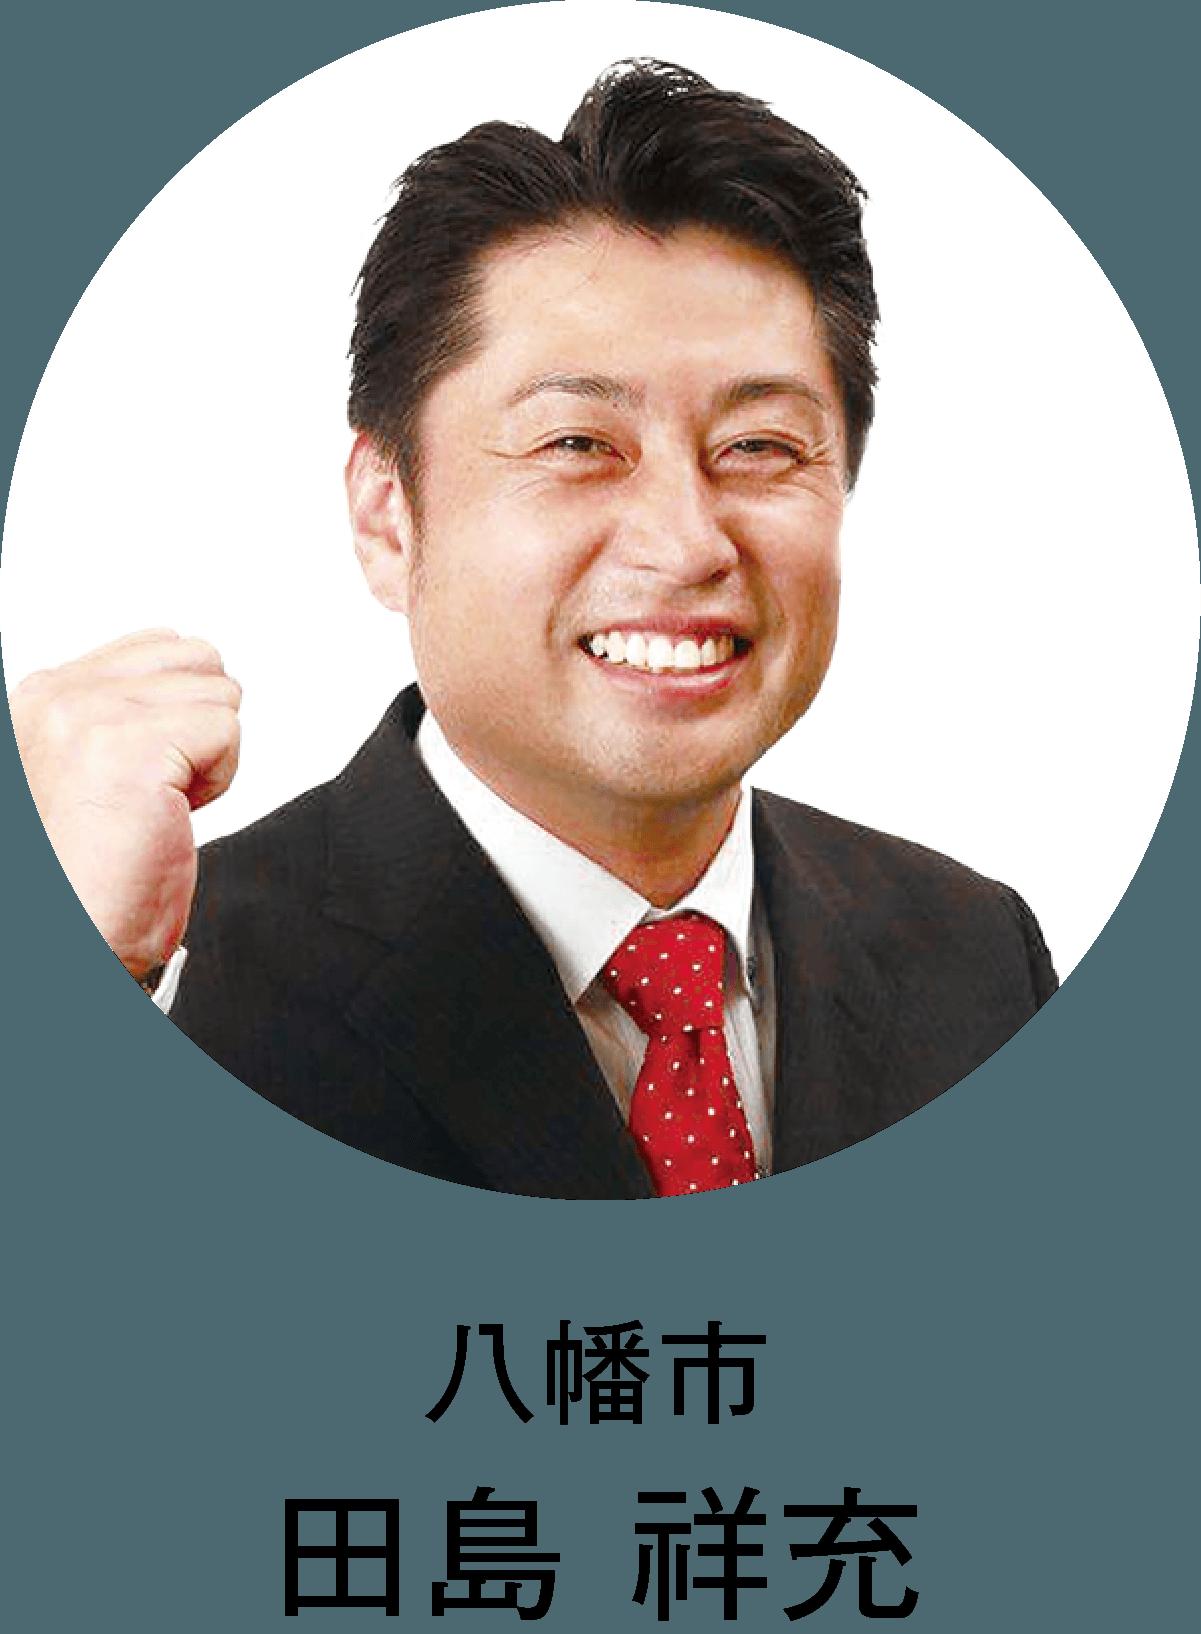 田島 祥充